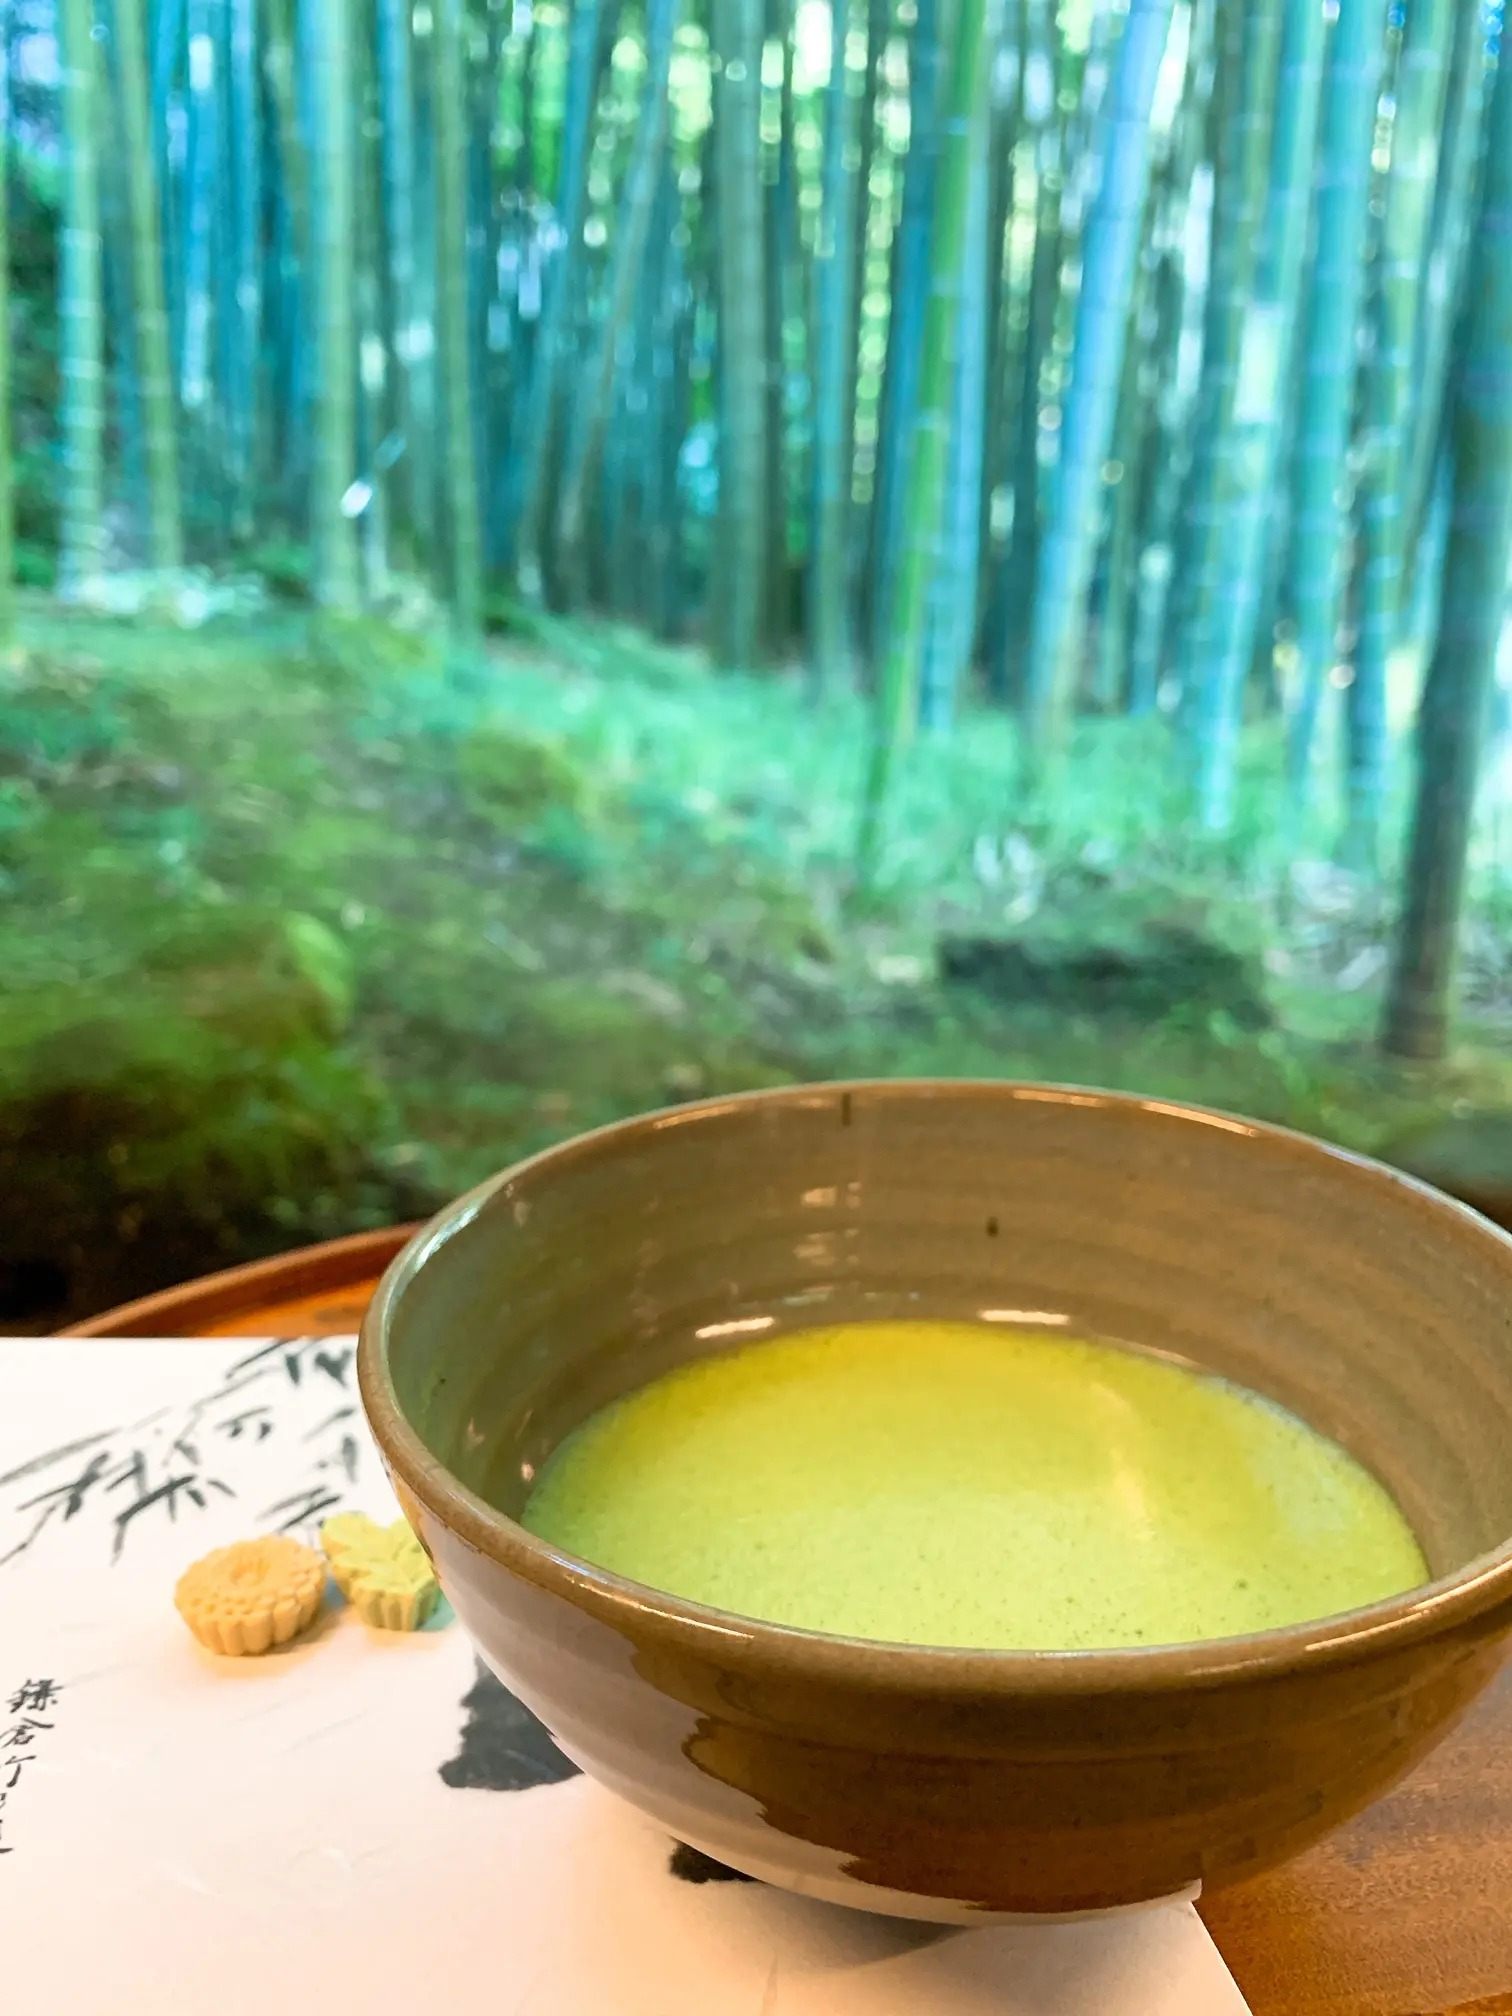 報国寺の竹の庭にある『休耕庵』